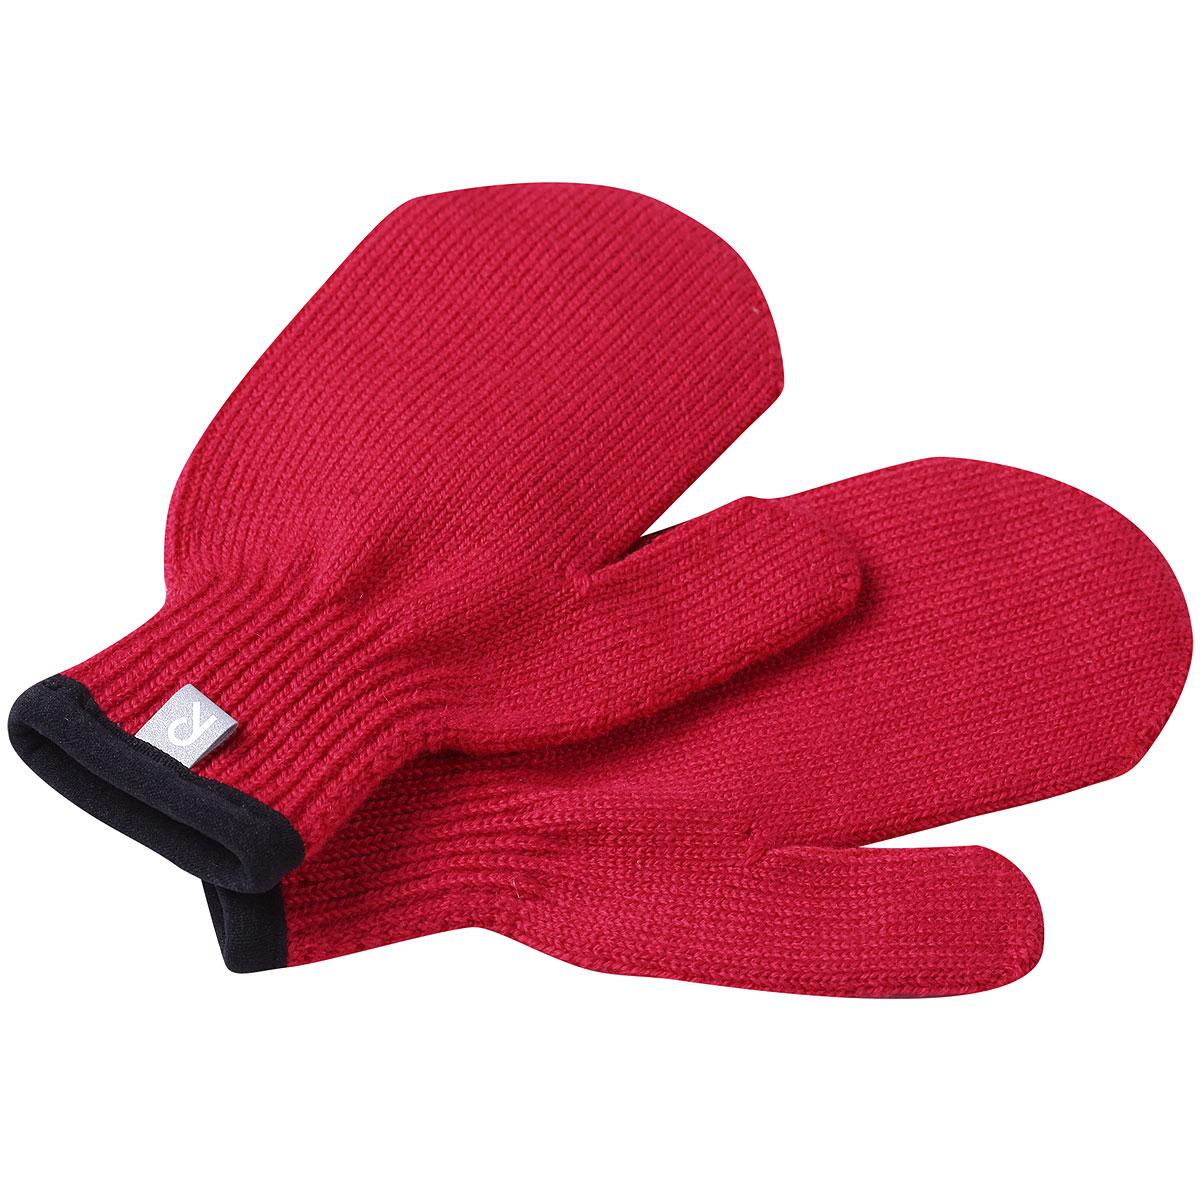 Варежки527188_9990Детские вязаные варежки Reima для малышей, изготовленные из эластичной ткани Magic Stretch с добавлением шерсти, станут идеальным вариантом для холодной зимней погоды. Пряжа хорошо сохраняет тепло, не сковывает движения малыша и позволяет коже дышать, не раздражает даже самую нежную и чувствительную кожу ребенка, обеспечивая ему наибольший комфорт. С внешней стороны варежки оформлены светоотражающими элементами для безопасности в темное время суток.